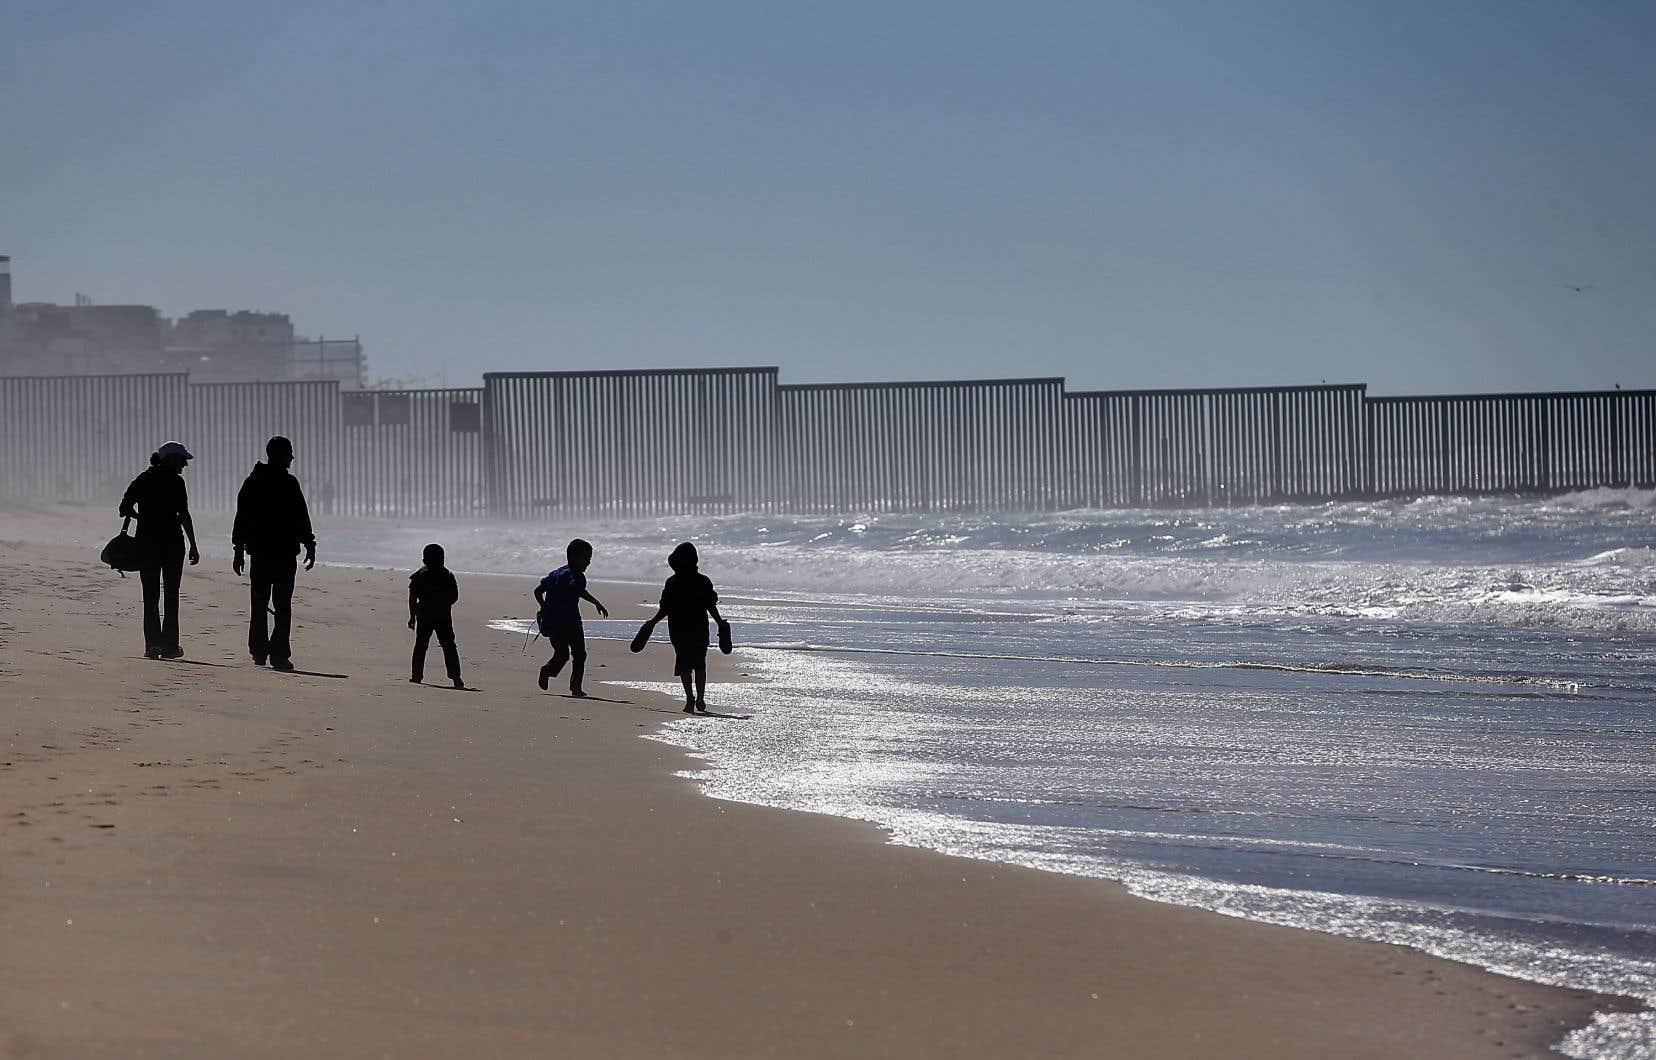 Une famille marche sur la plage à San Diego, du côté américain du mur frontalier qui sépare les États-Unis du Mexique et s'étire jusque dans la mer.